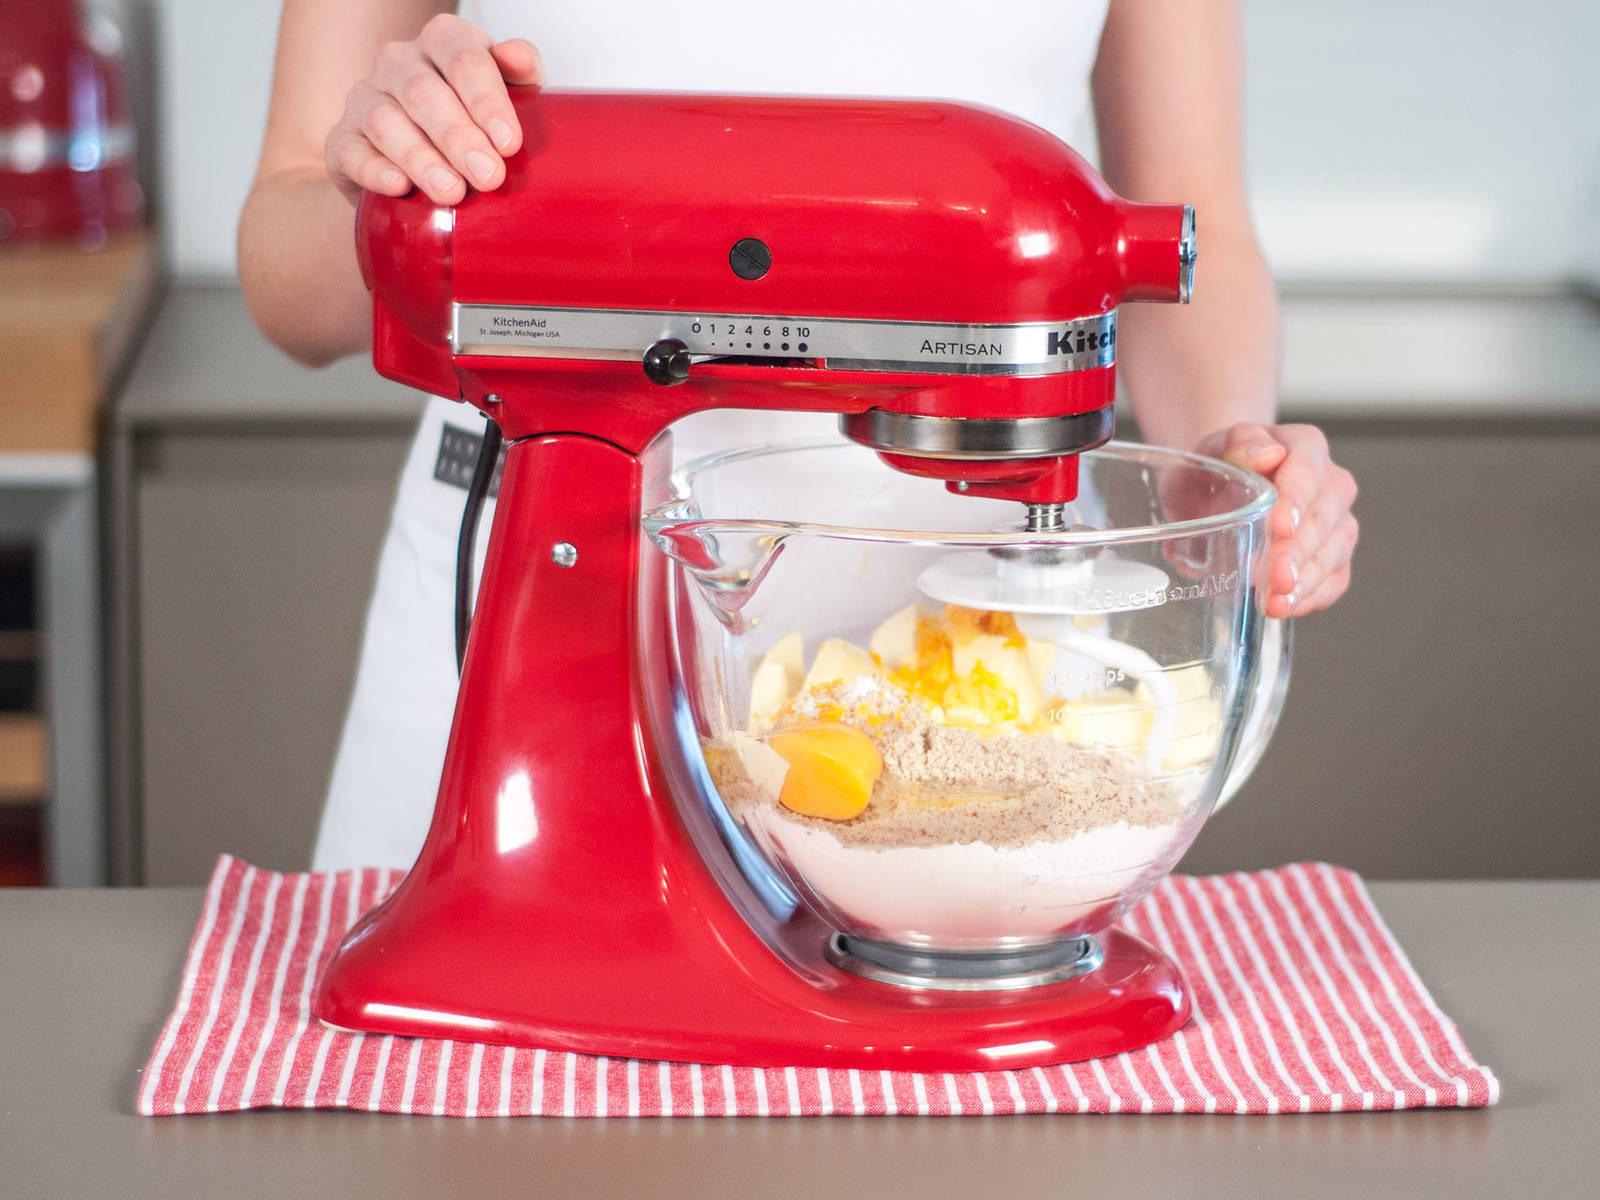 外皮的制作:将黄油、糖粉、杏仁粉、面粉、盐、鸡蛋、部分柠檬皮碎与部分橙子皮碎混合,并搅拌成光滑的面团。